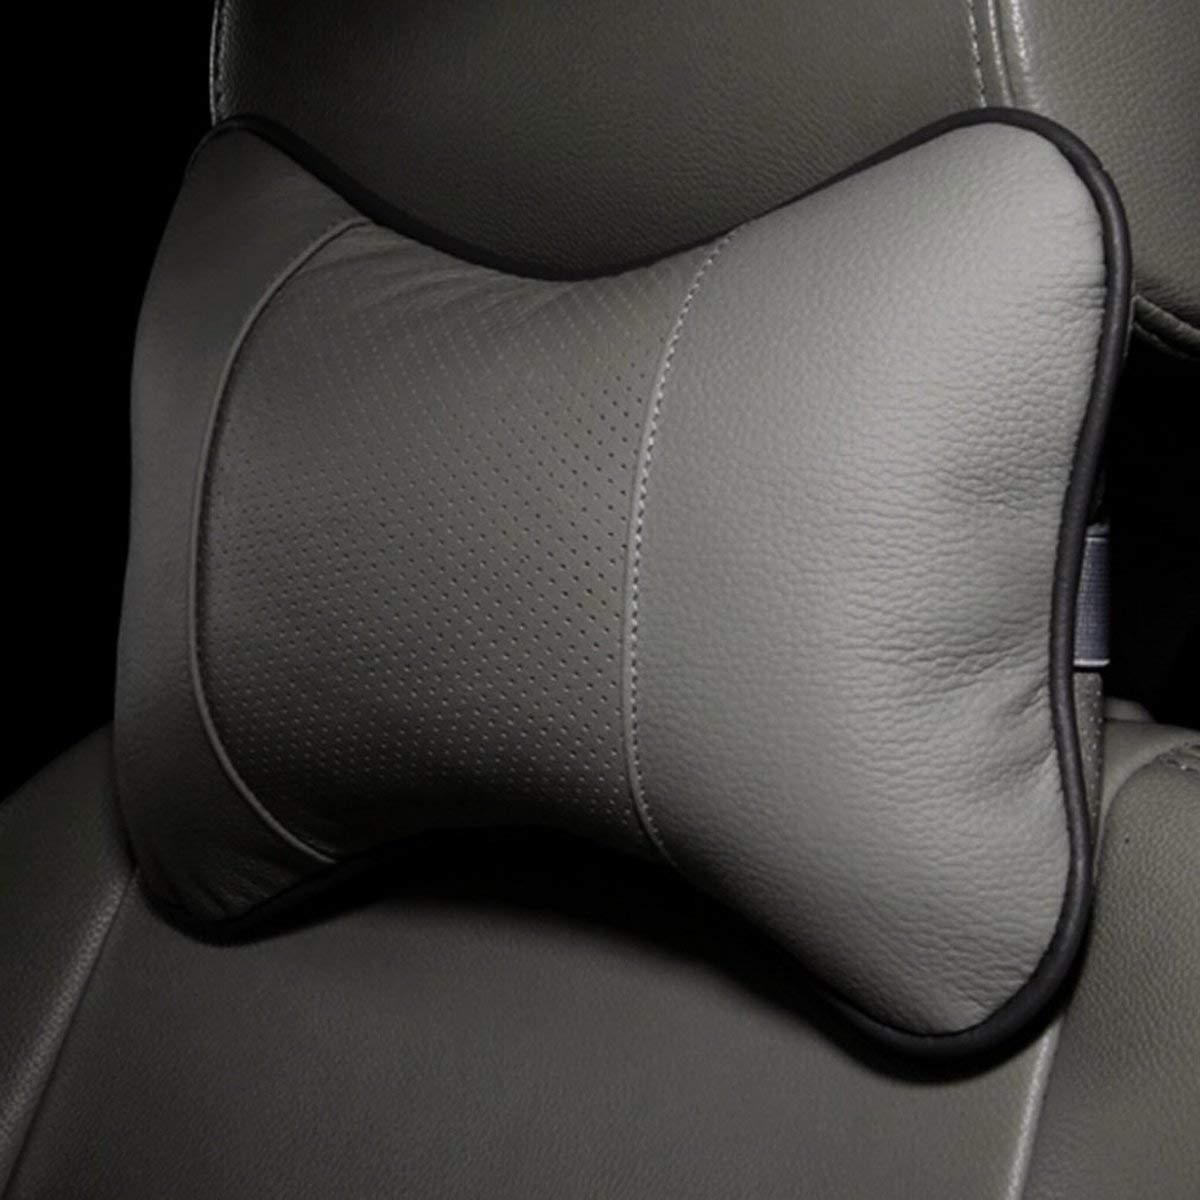 Gugutogo Cuscino poggiatesta a Forma di Osso Solido Cuscino in Pelle di Stoffa per Auto Testa cilindrica (Colore: Grigio)